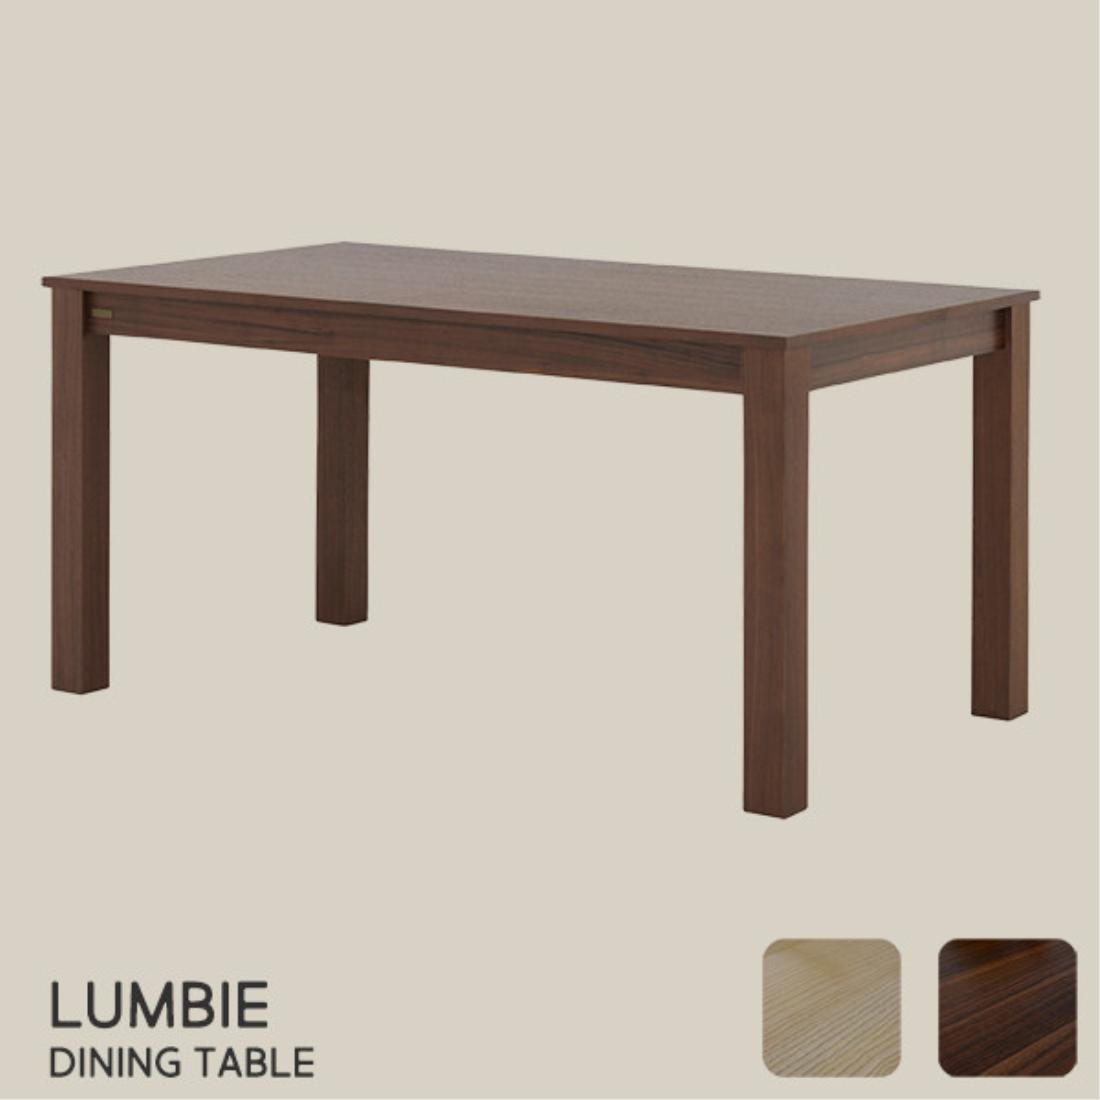 上質 インテリア 装飾 改装 家具 一人暮らし ファニチャー テーブル キッチン 食卓 定価の67%OFF 140cm幅 4人掛け LUMBIE ダイニングテーブル ランビー オシャレ